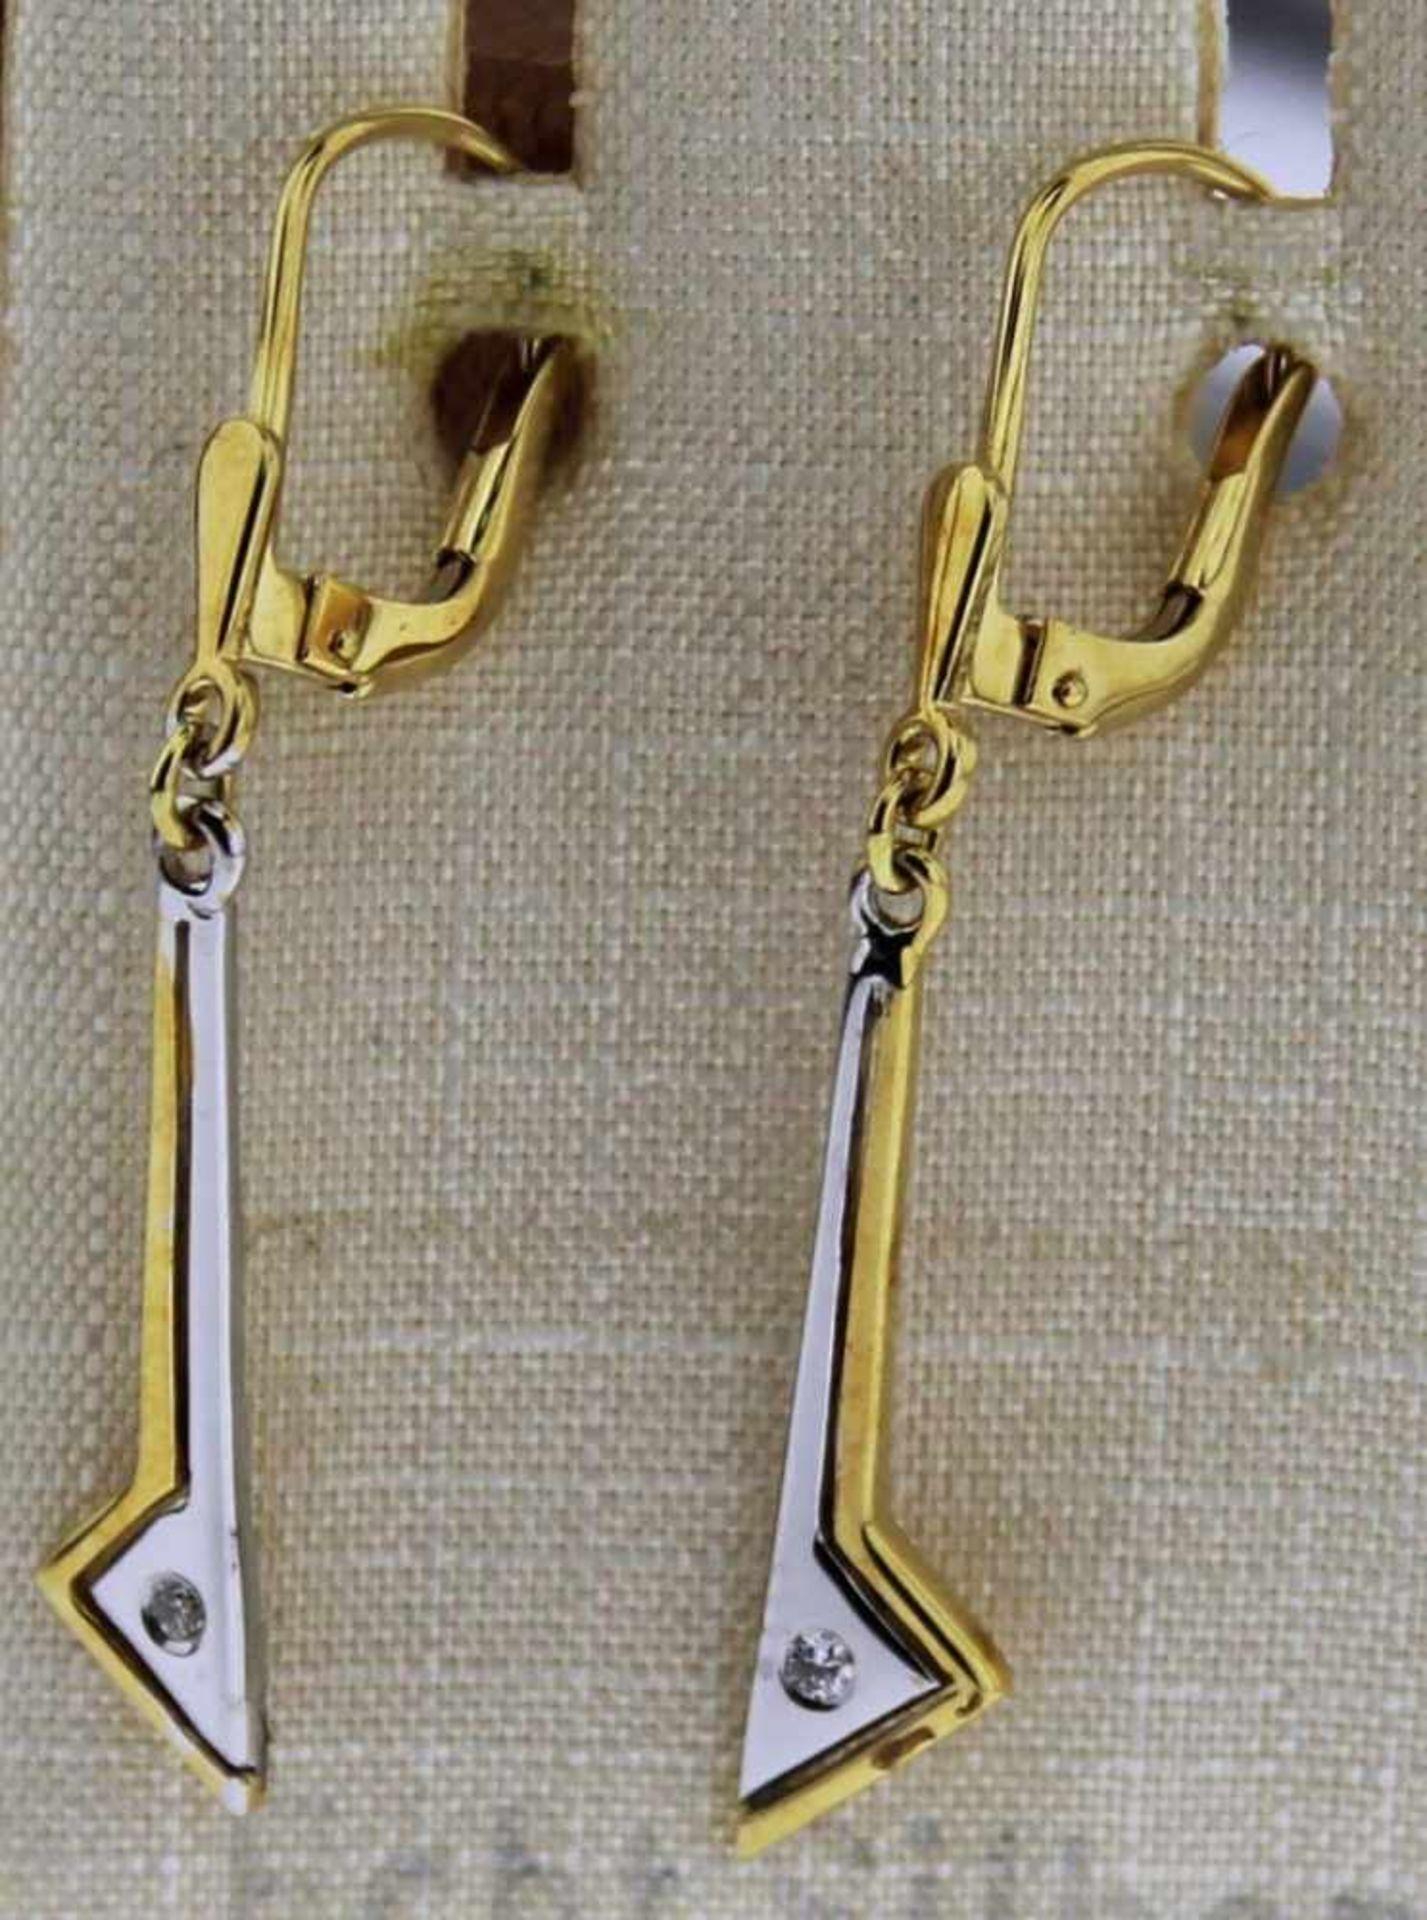 Ohrhänger 585 Gold mit Brillant, NOS Gesamtgewicht ca. 2,1 Gramm, Brillant zus. ca. 0,02 ct. ,